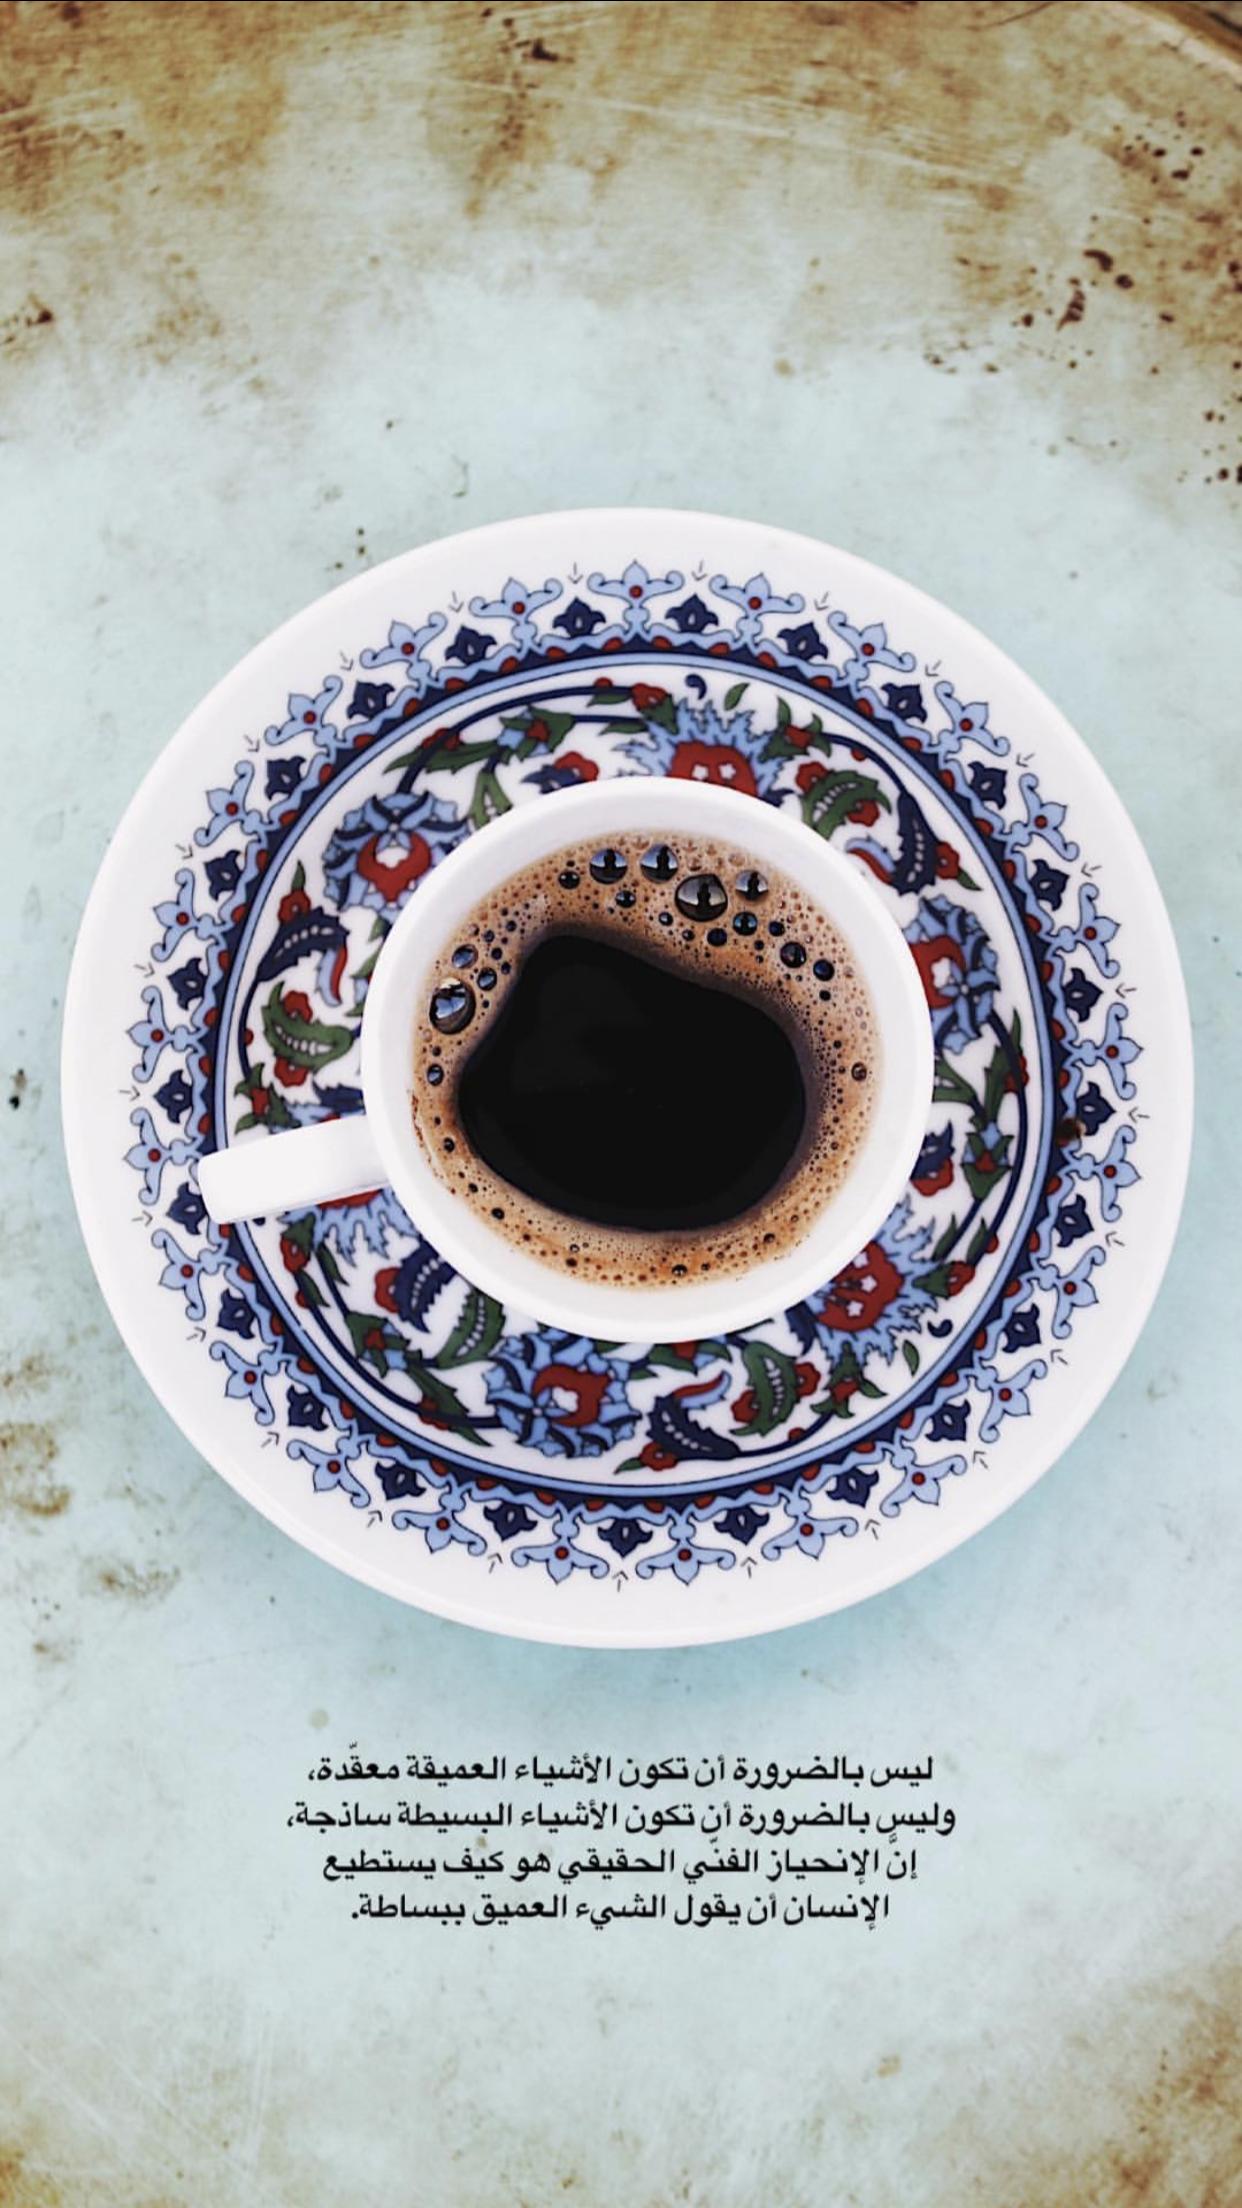 10 عبارات عن قهوة الصباح تويتر Coffee Health Benefits Coffee Benefits Benefits Of Drinking Coffee